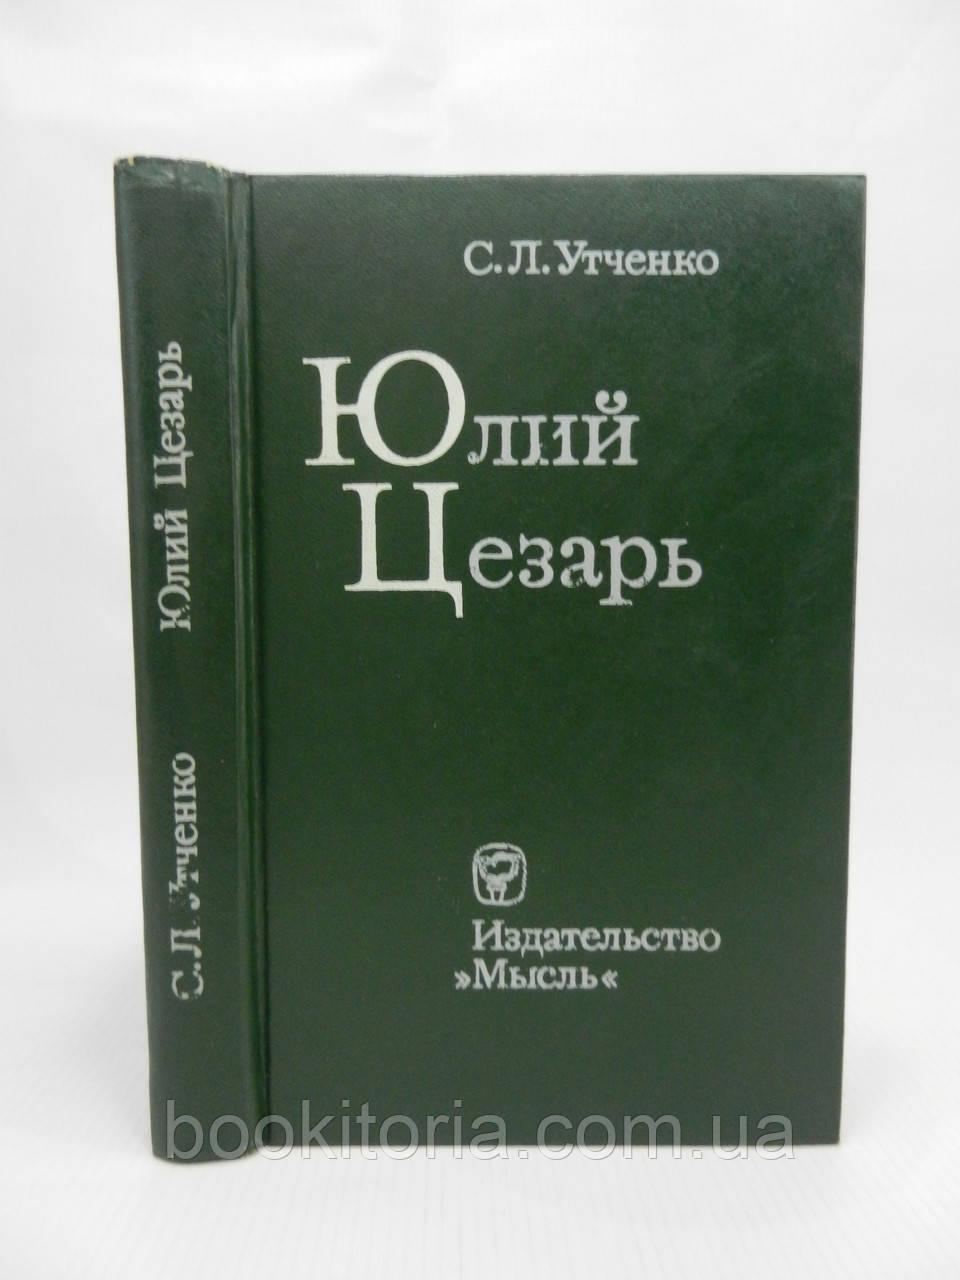 Утченко С.Л. Юлий Цезарь (б/у).